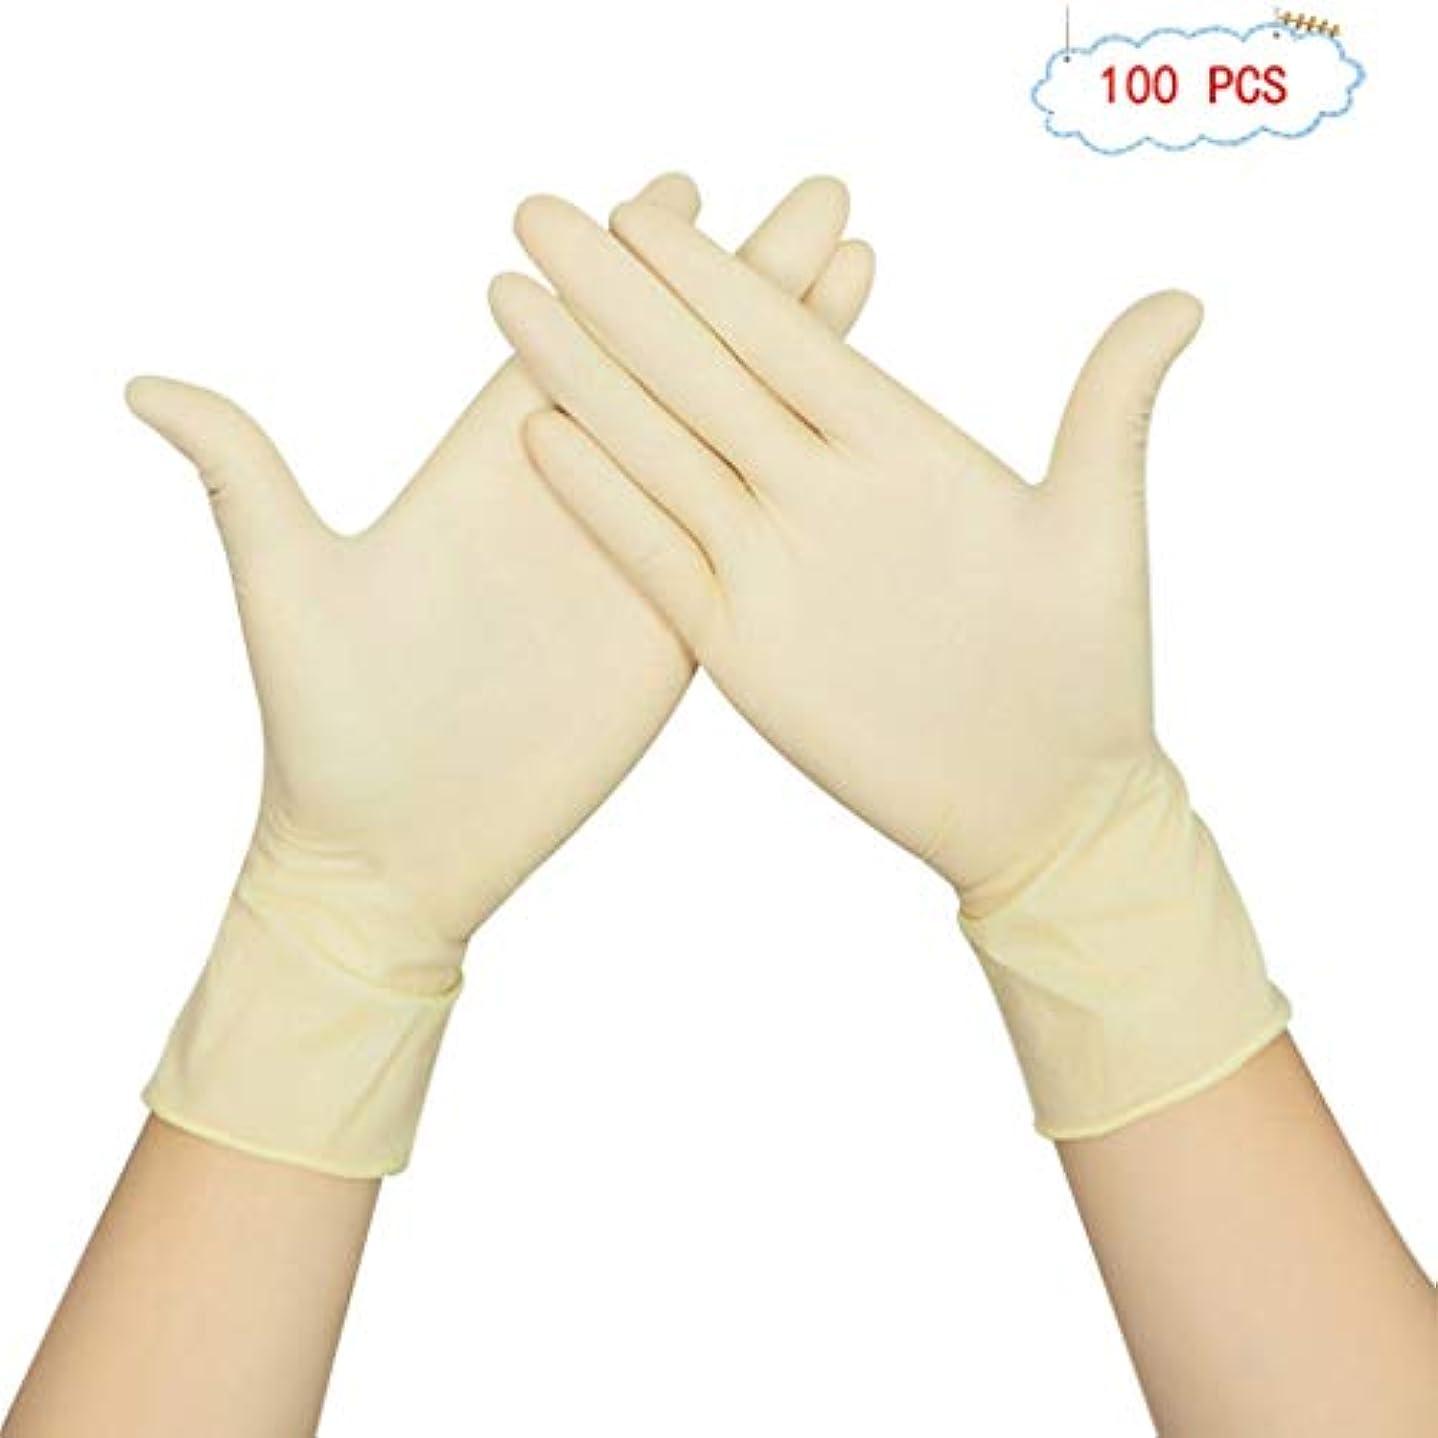 裁量ベリ迷彩箱入り使い捨てラテックス手袋パウダーフリーゴム滑り止めの病院のために労働保険のプロフェッショナルグレードのクリーニング (Color : 9 inch, Size : M)